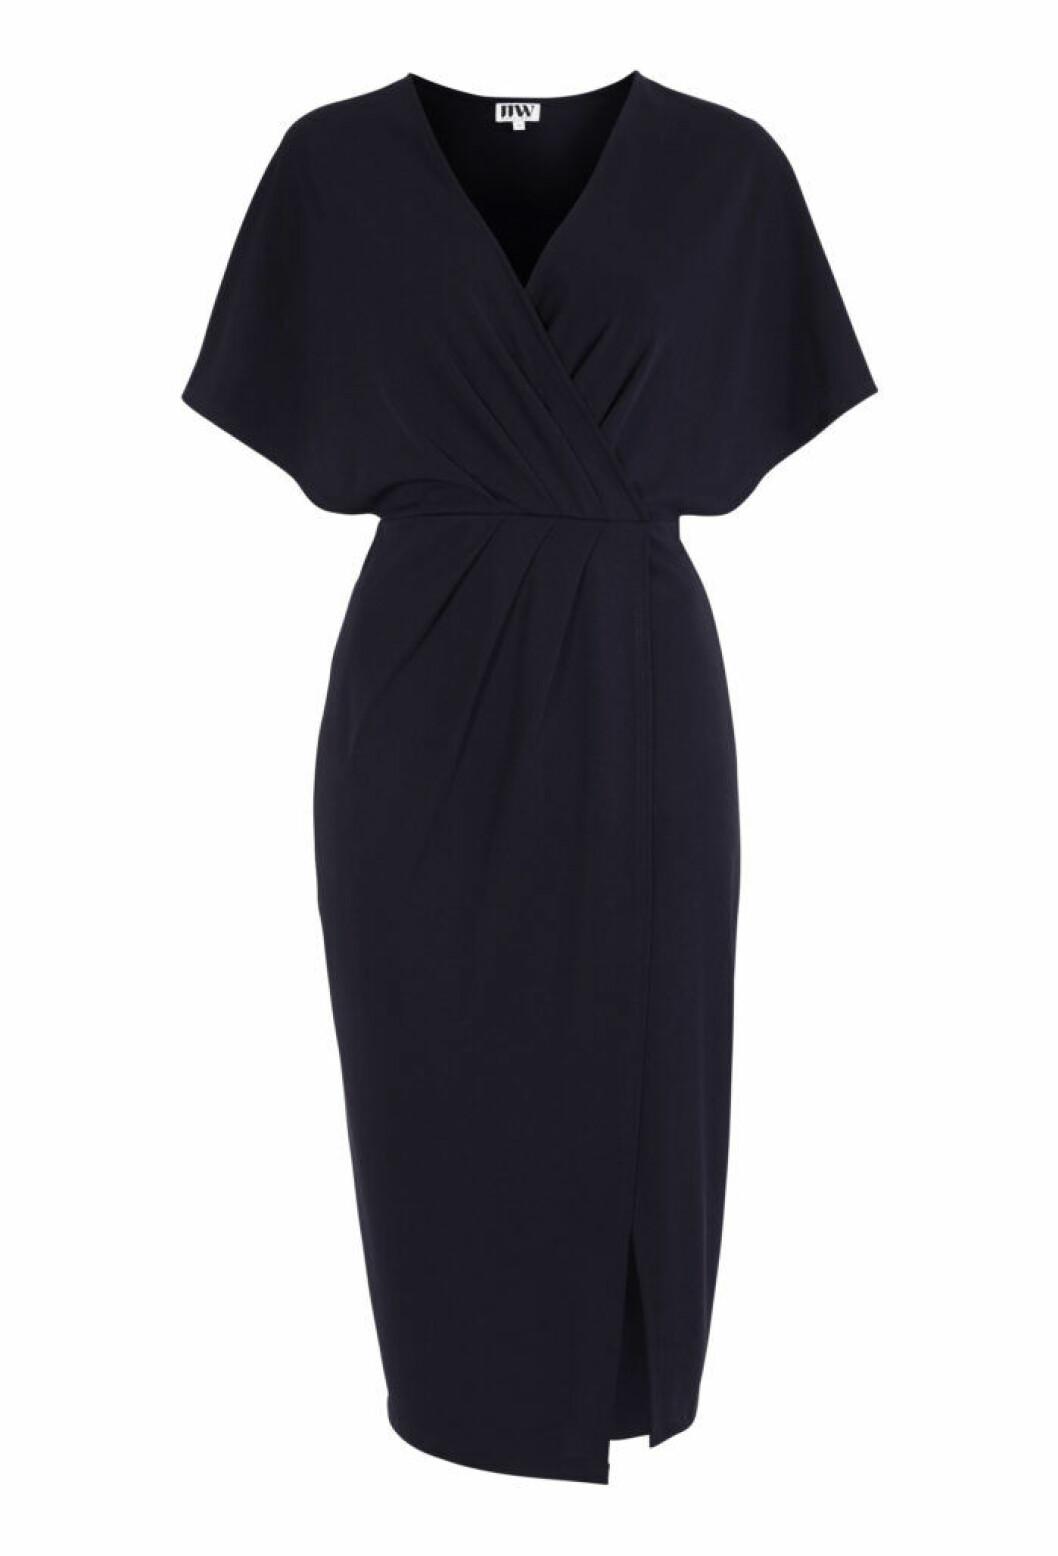 Midklänning mörkblå